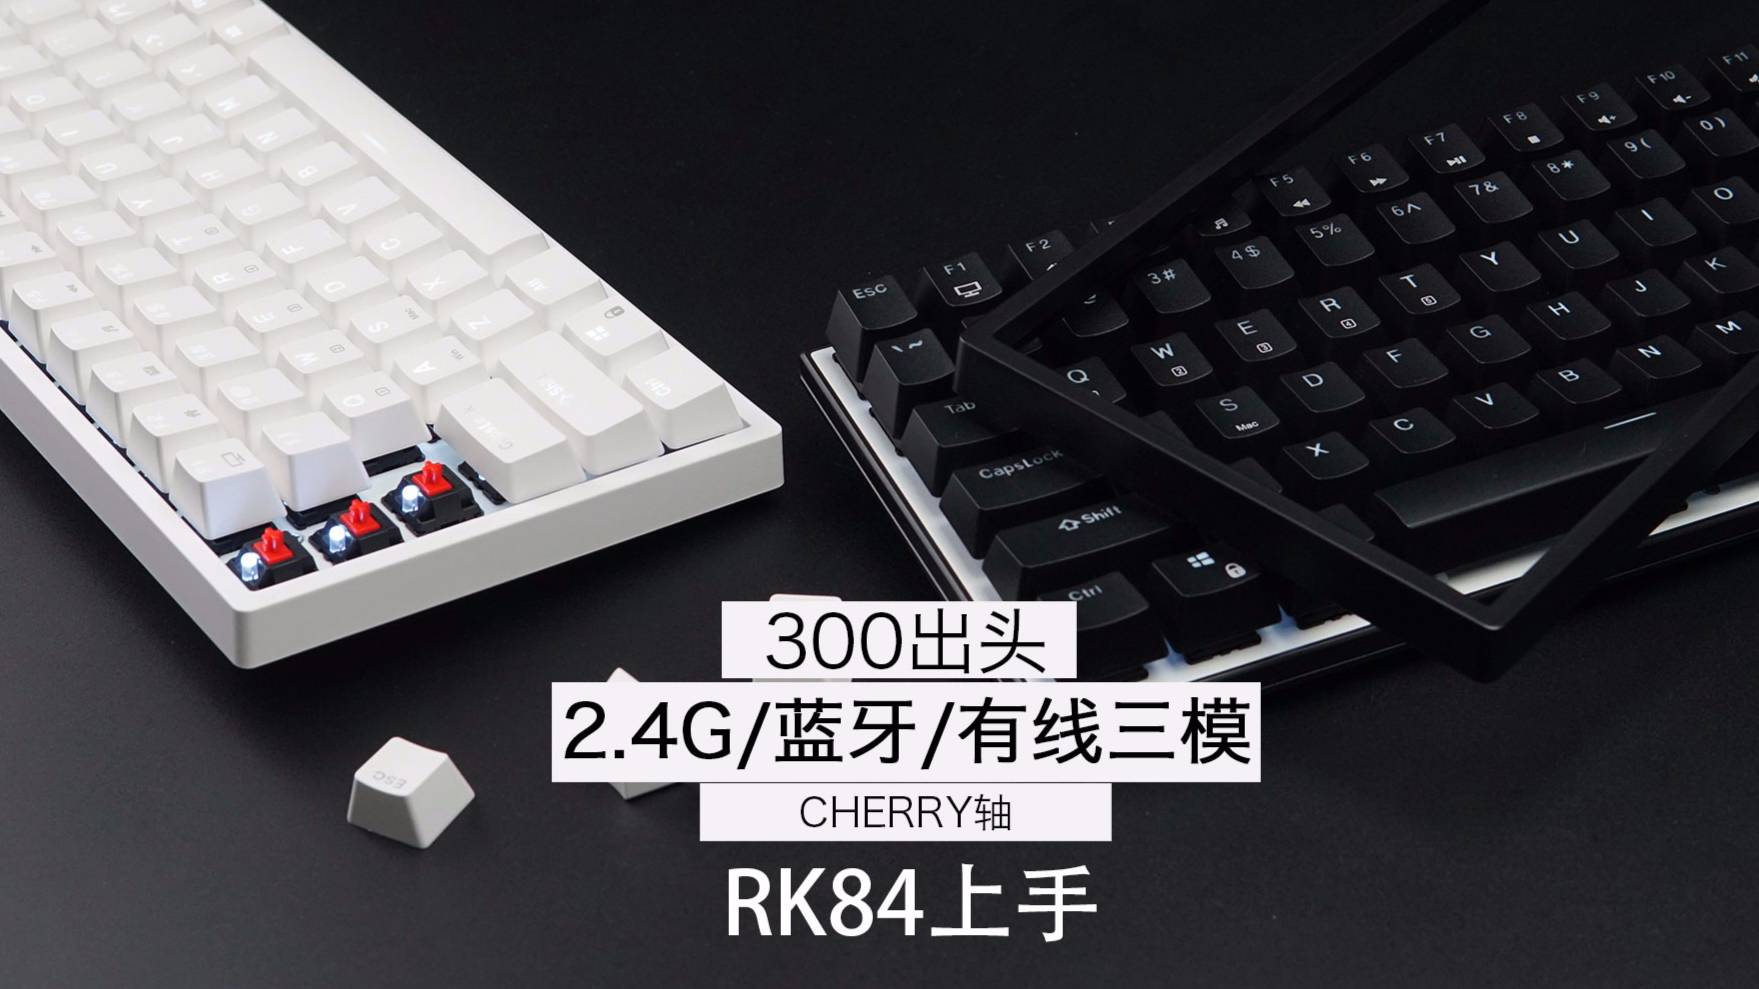 家境贫寒,真香之选:RK84三模无线机械键盘上手